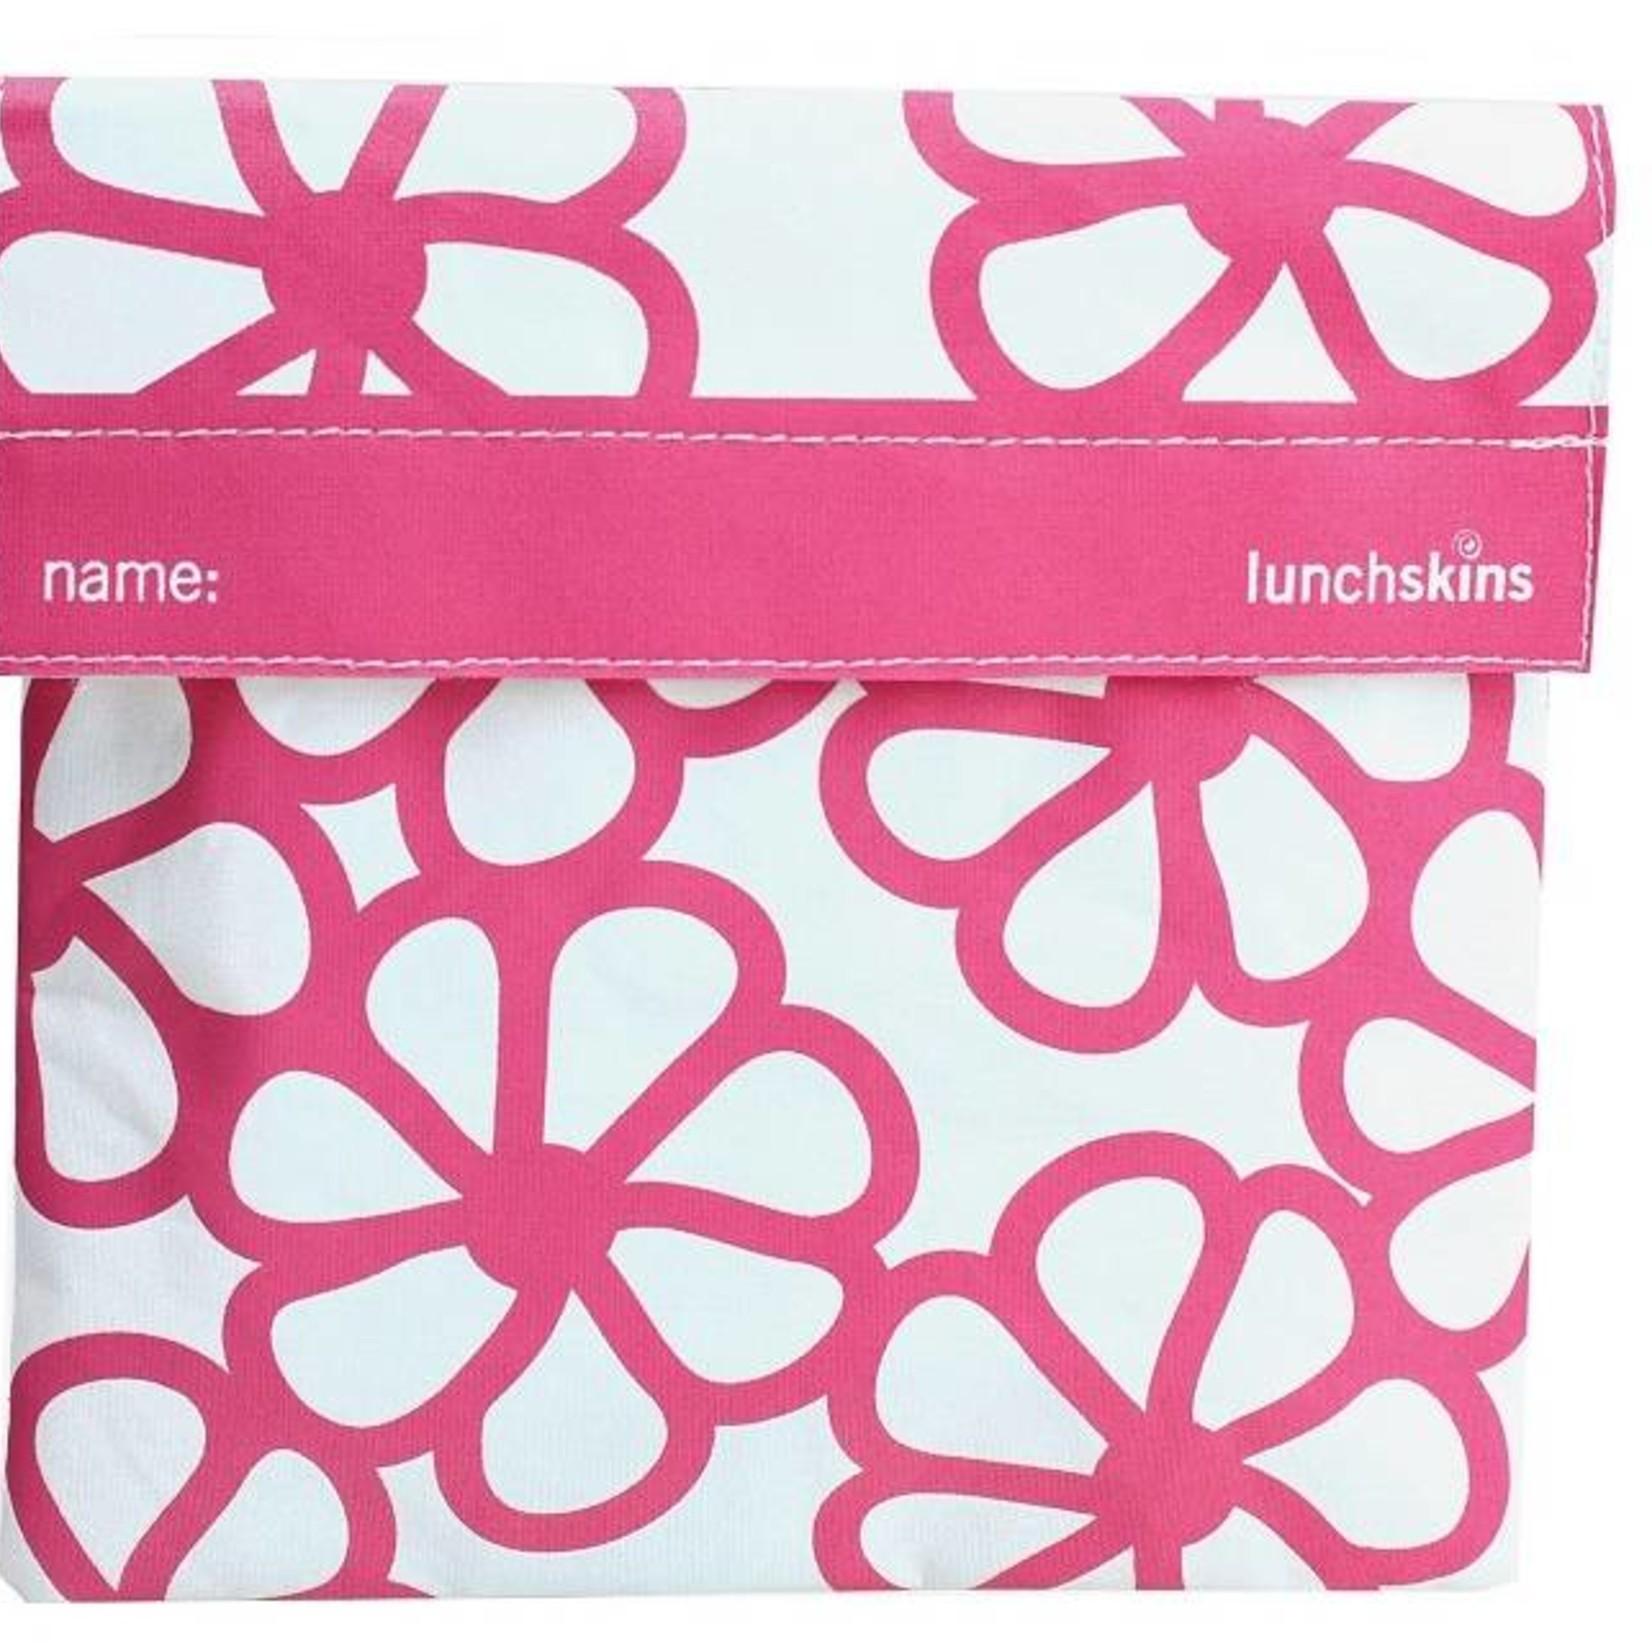 LunchSkins Herbruikbare Snack- en Lunchzakjes